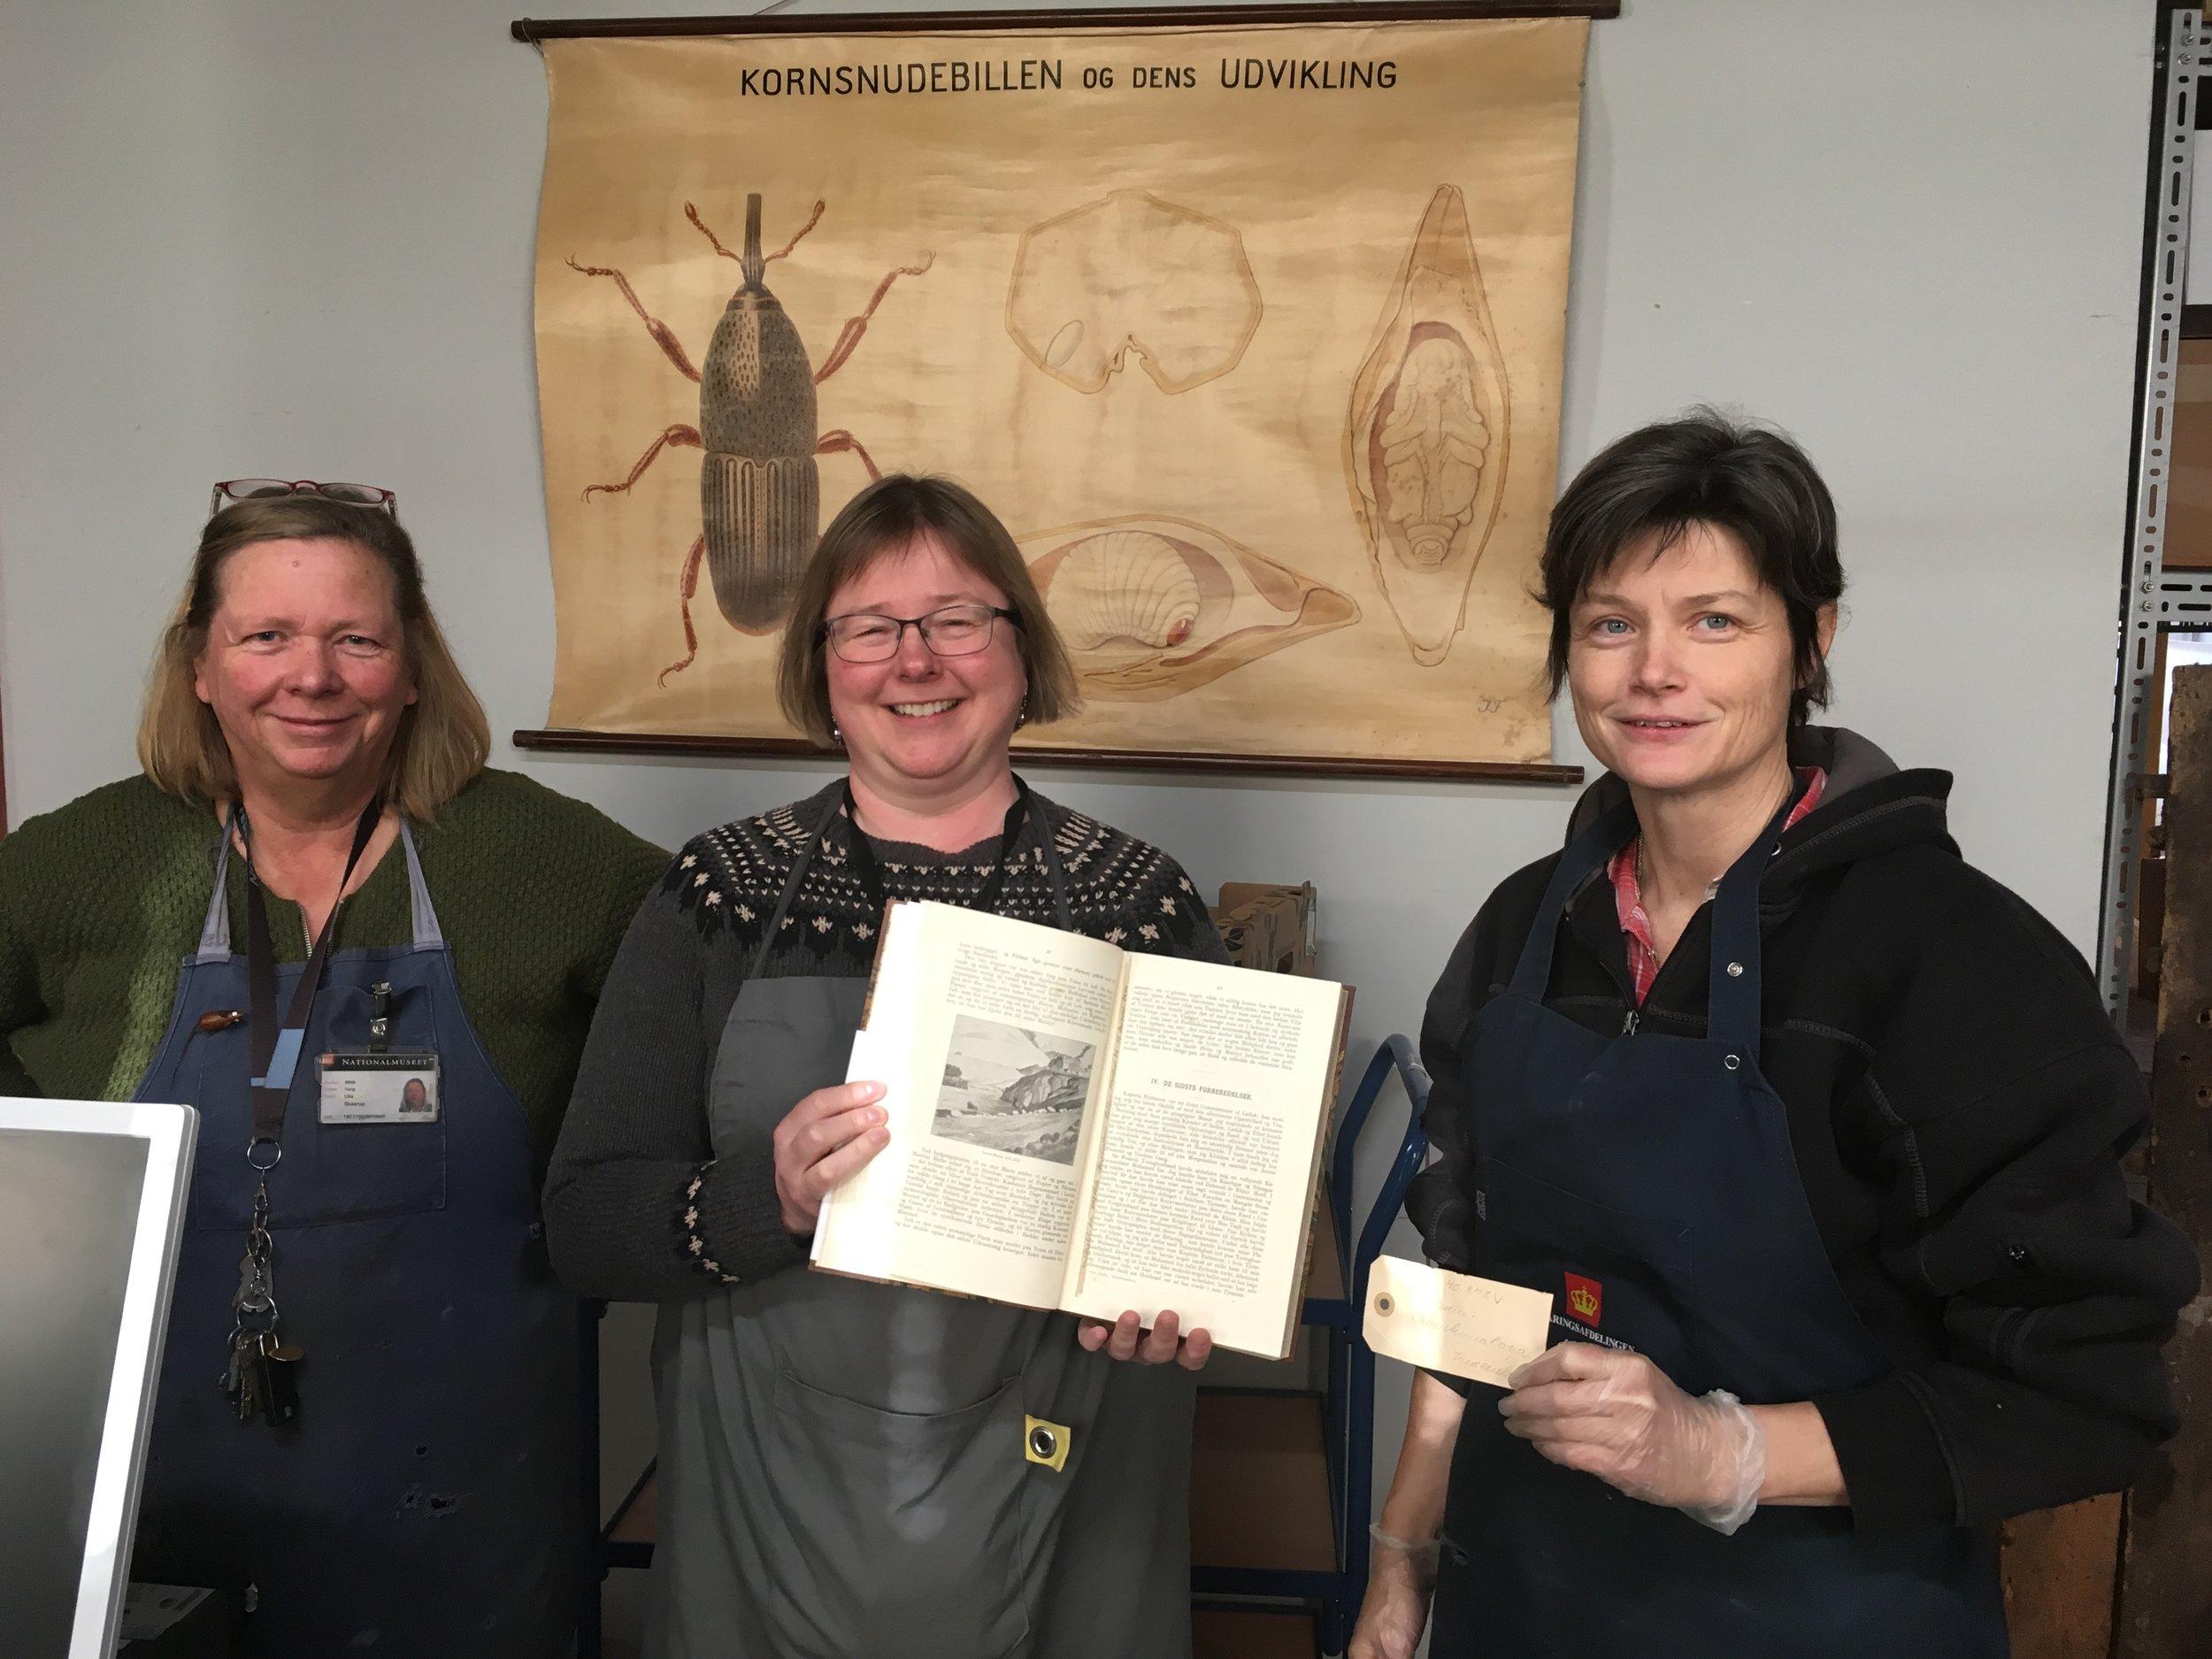 Pakkeholdets seje kerne Ulla Skaarup, Christina Folke Ax og Mette Humle med bogen som skal undersøges nærmere. Foto: Anja Jørgensen.